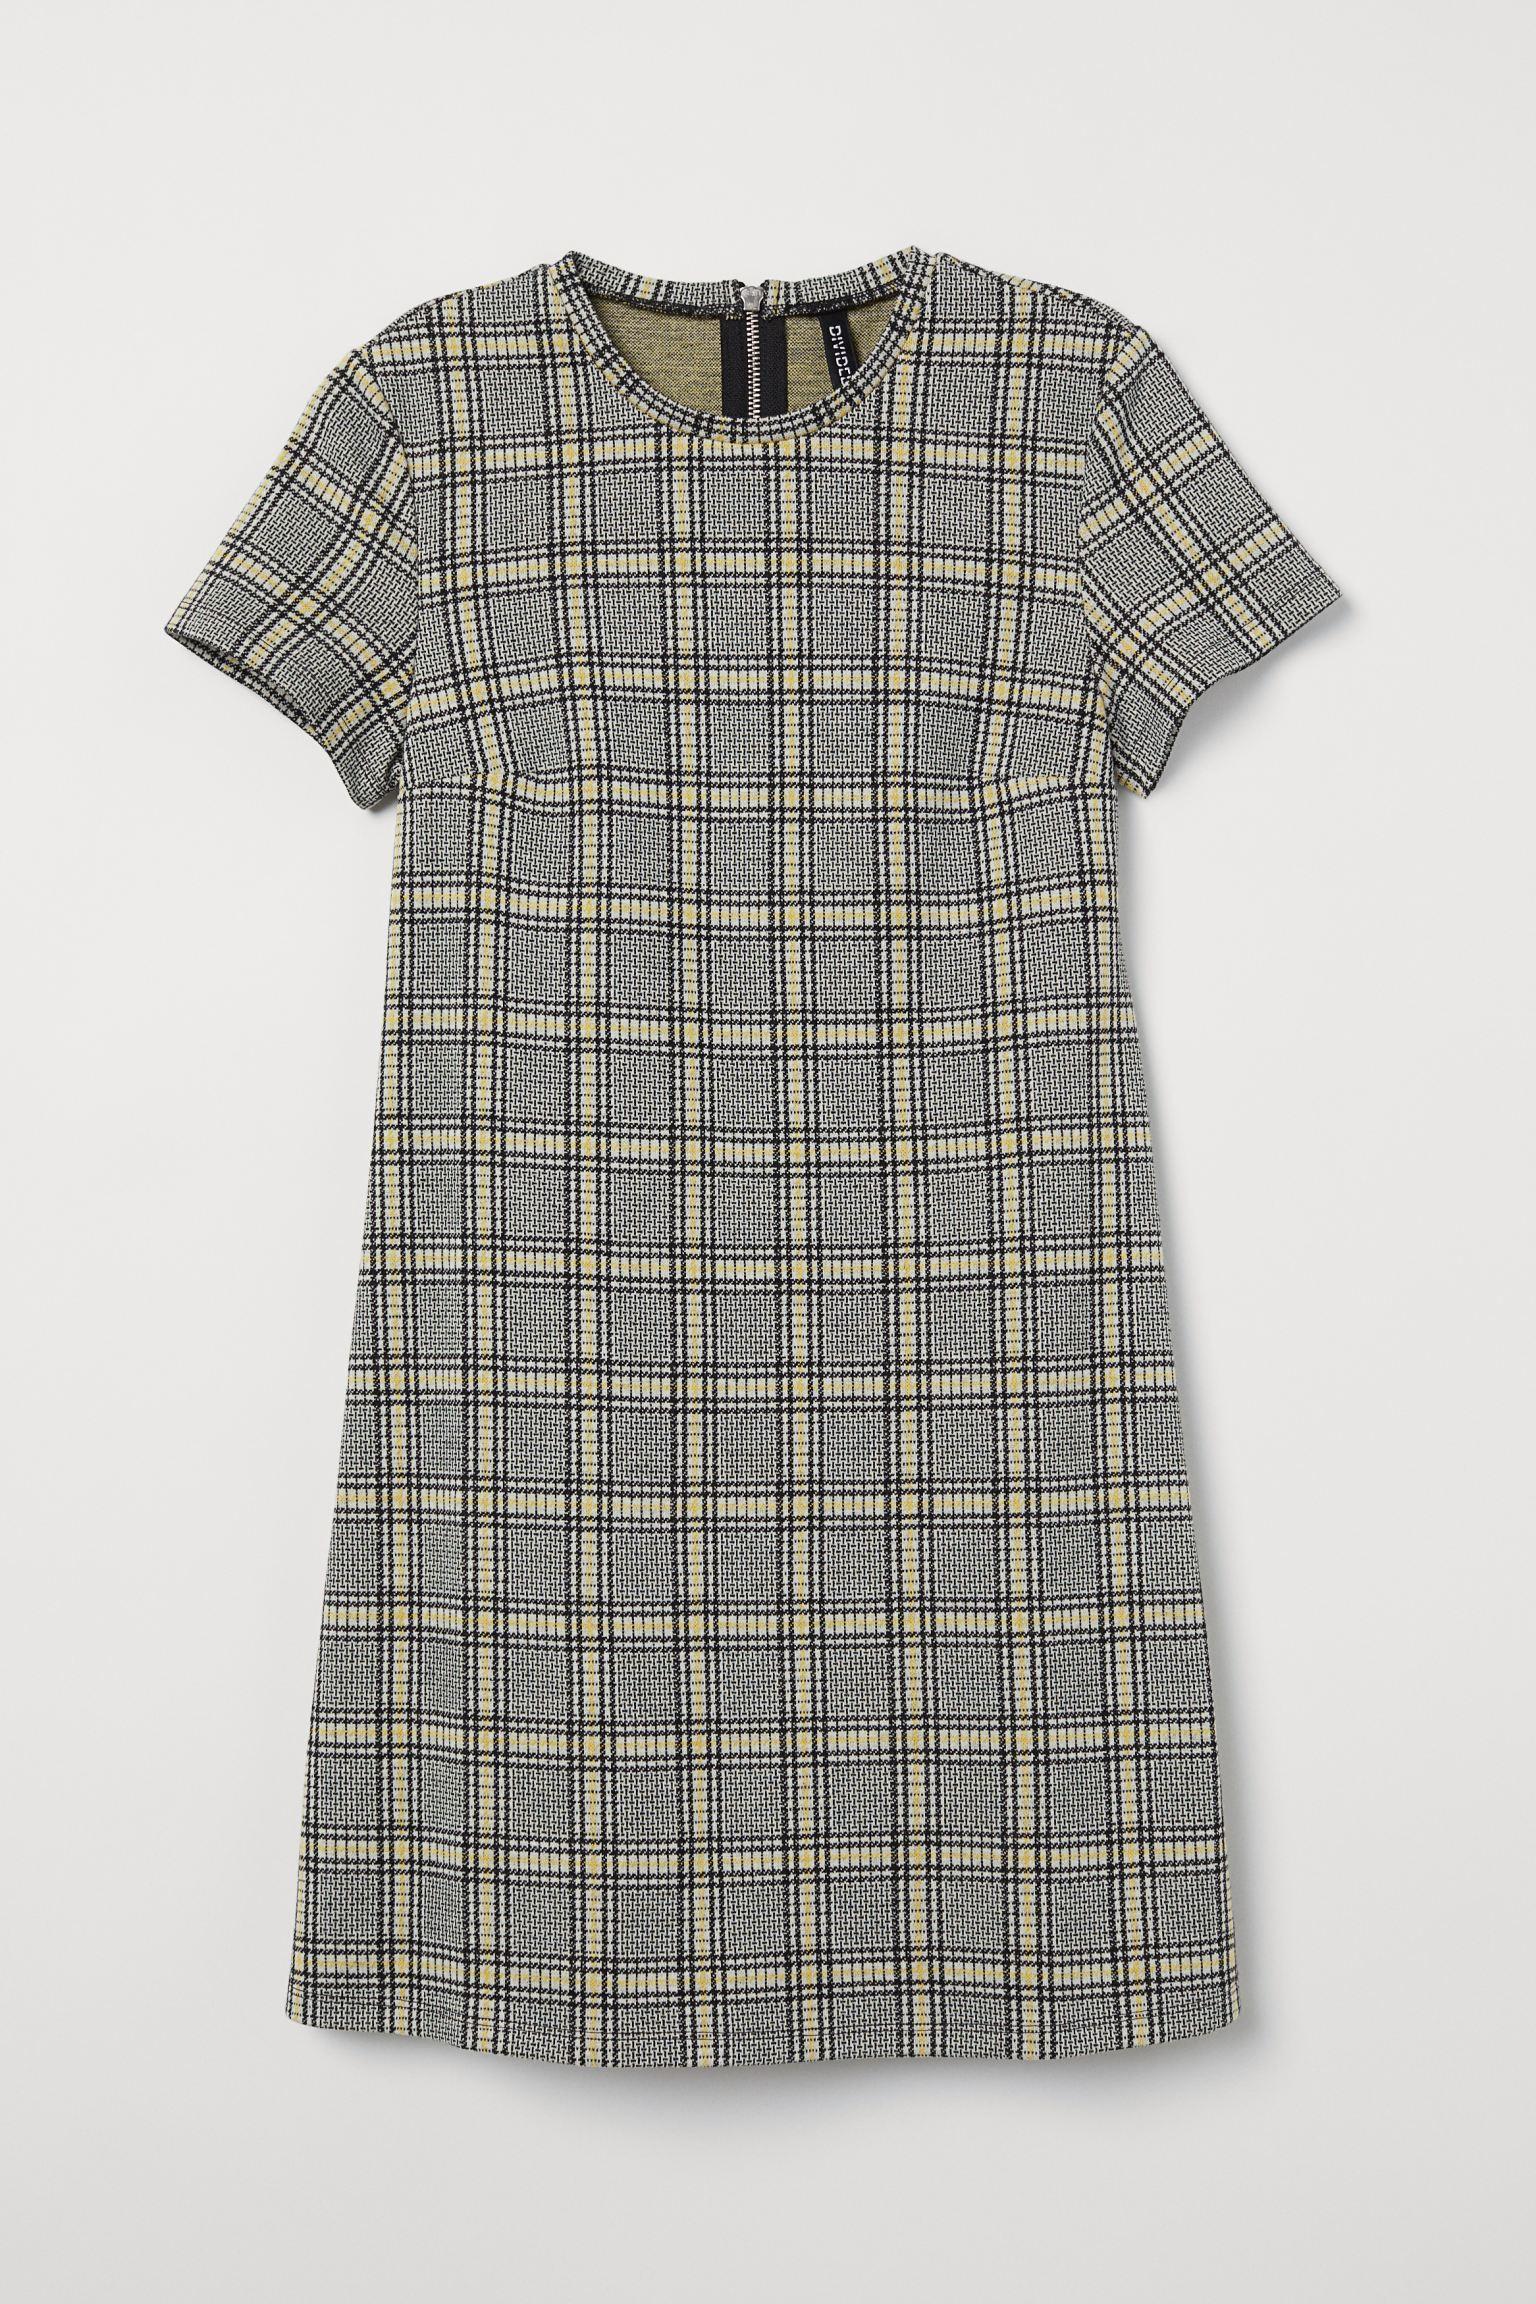 Отзыв на Короткое платье трикотажное из Интернет-Магазина H&M